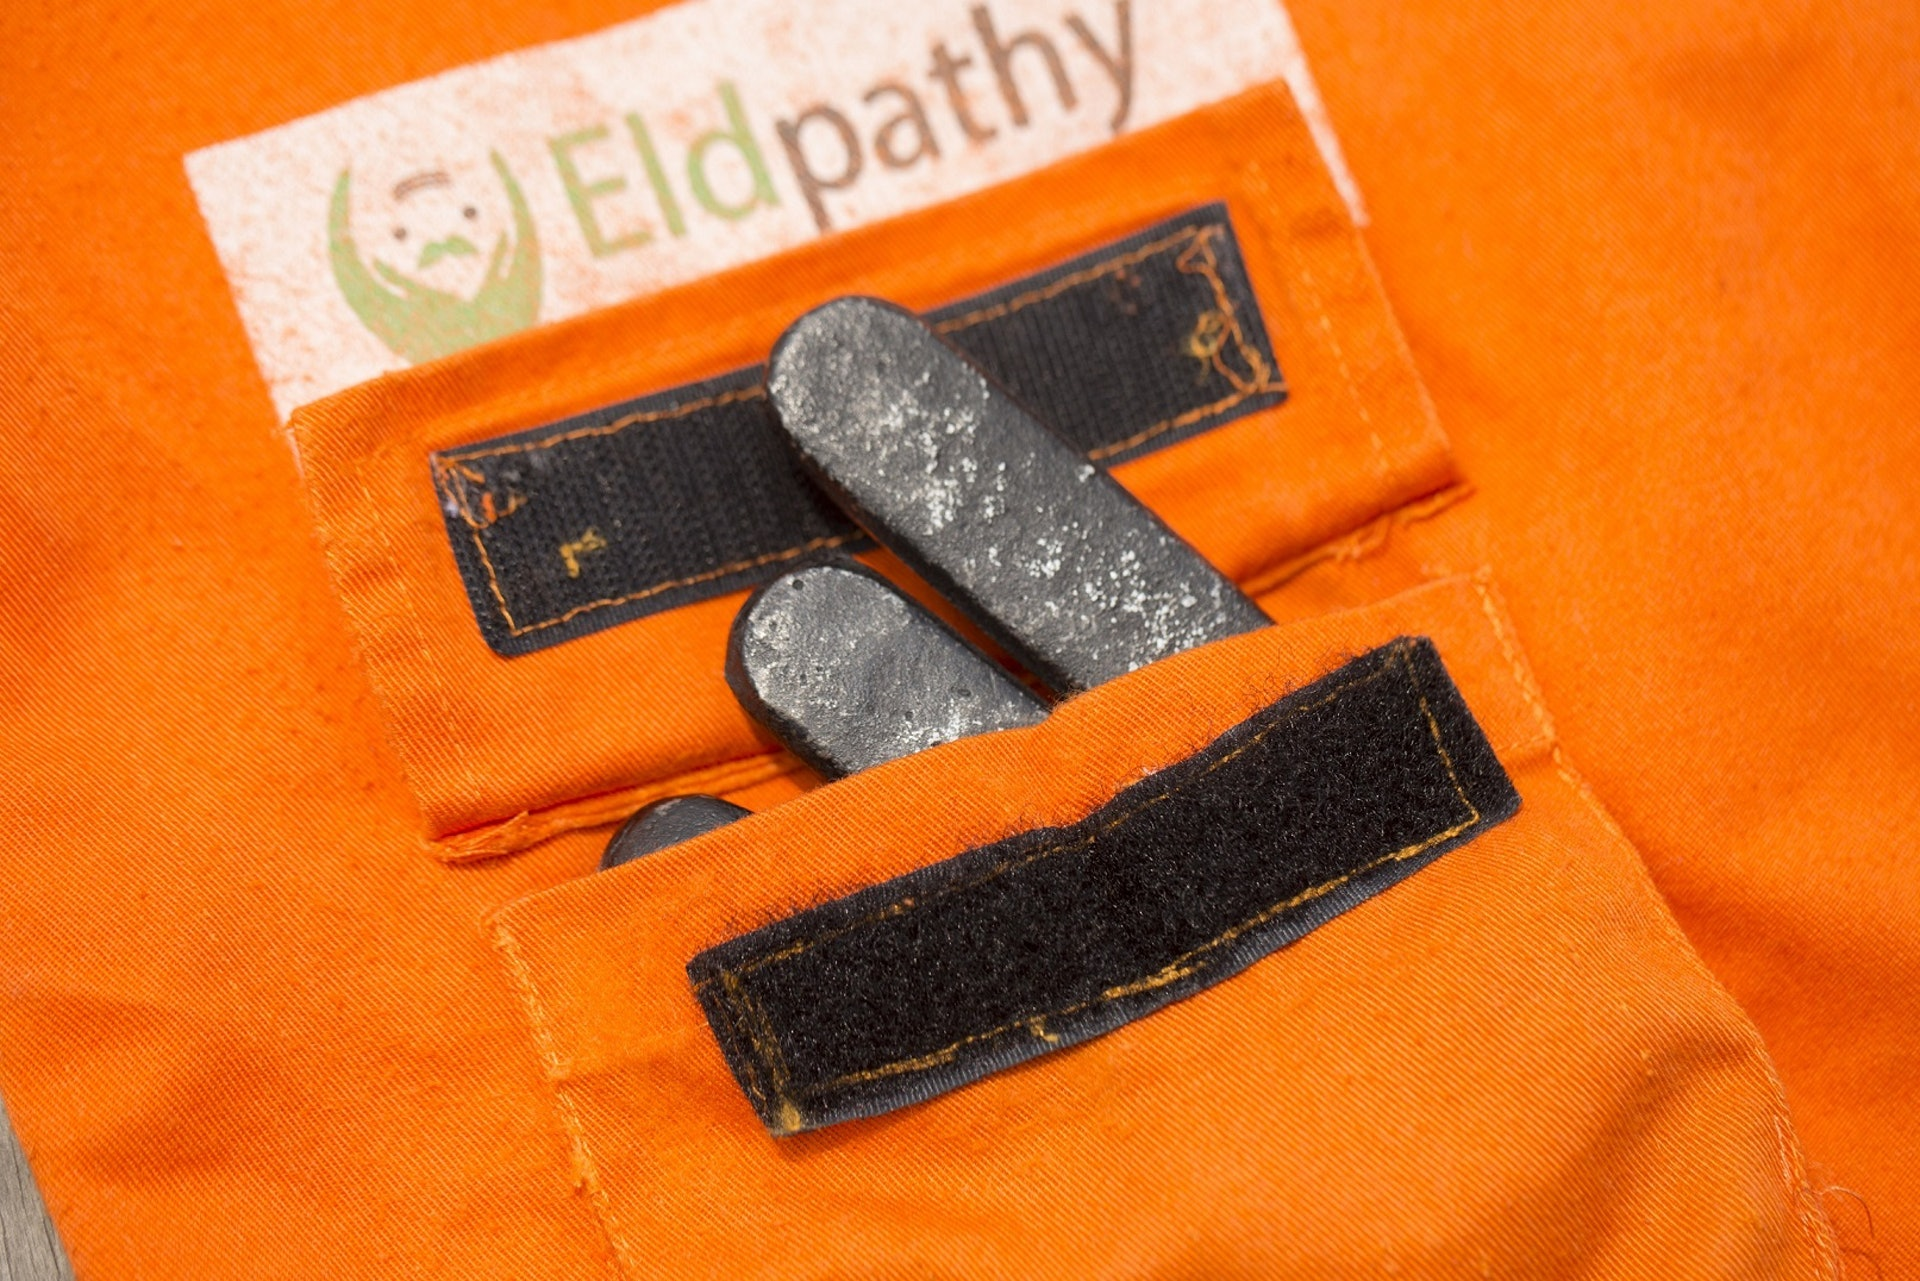 身體與手腳的口袋中附有鉛塊,讓人變得寸步難行。(龔嘉盛攝)